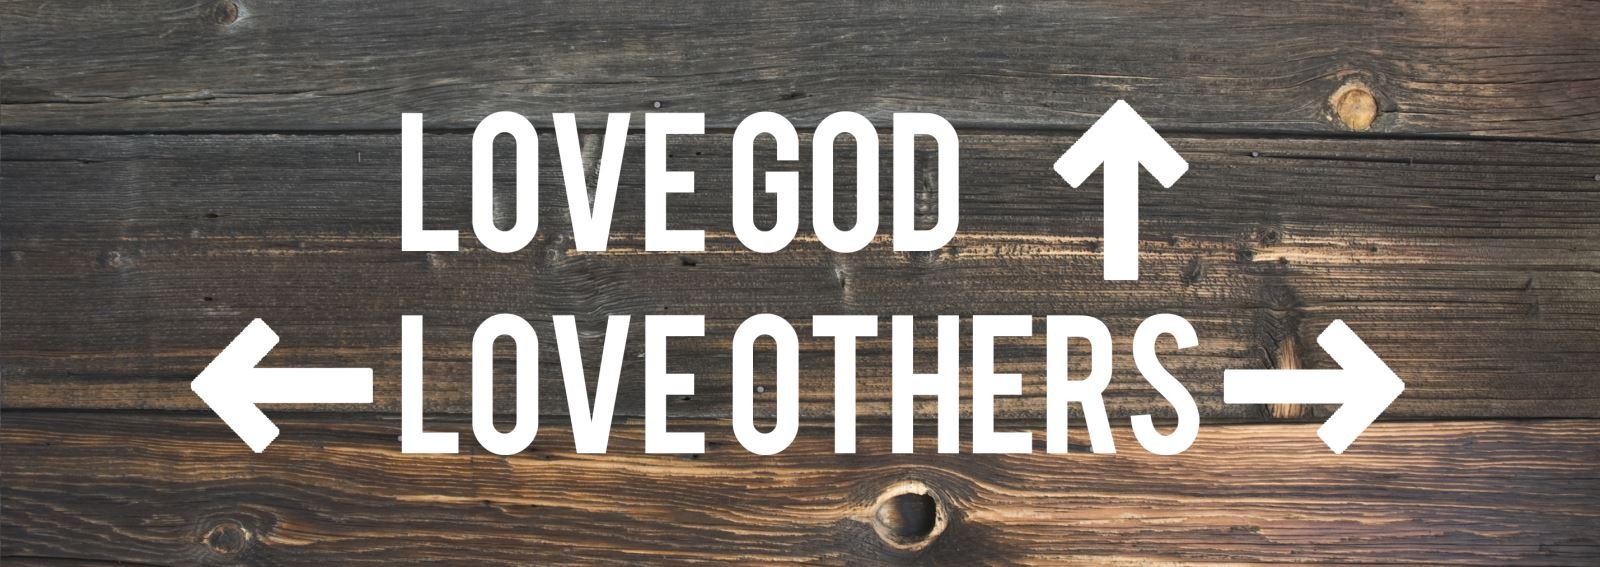 Kẻ nói dối: Yêu Chúa, mà lại ghét tha nhân. Suy niệm Lời Chúa Thứ Năm sau Lễ Hiển Linh.